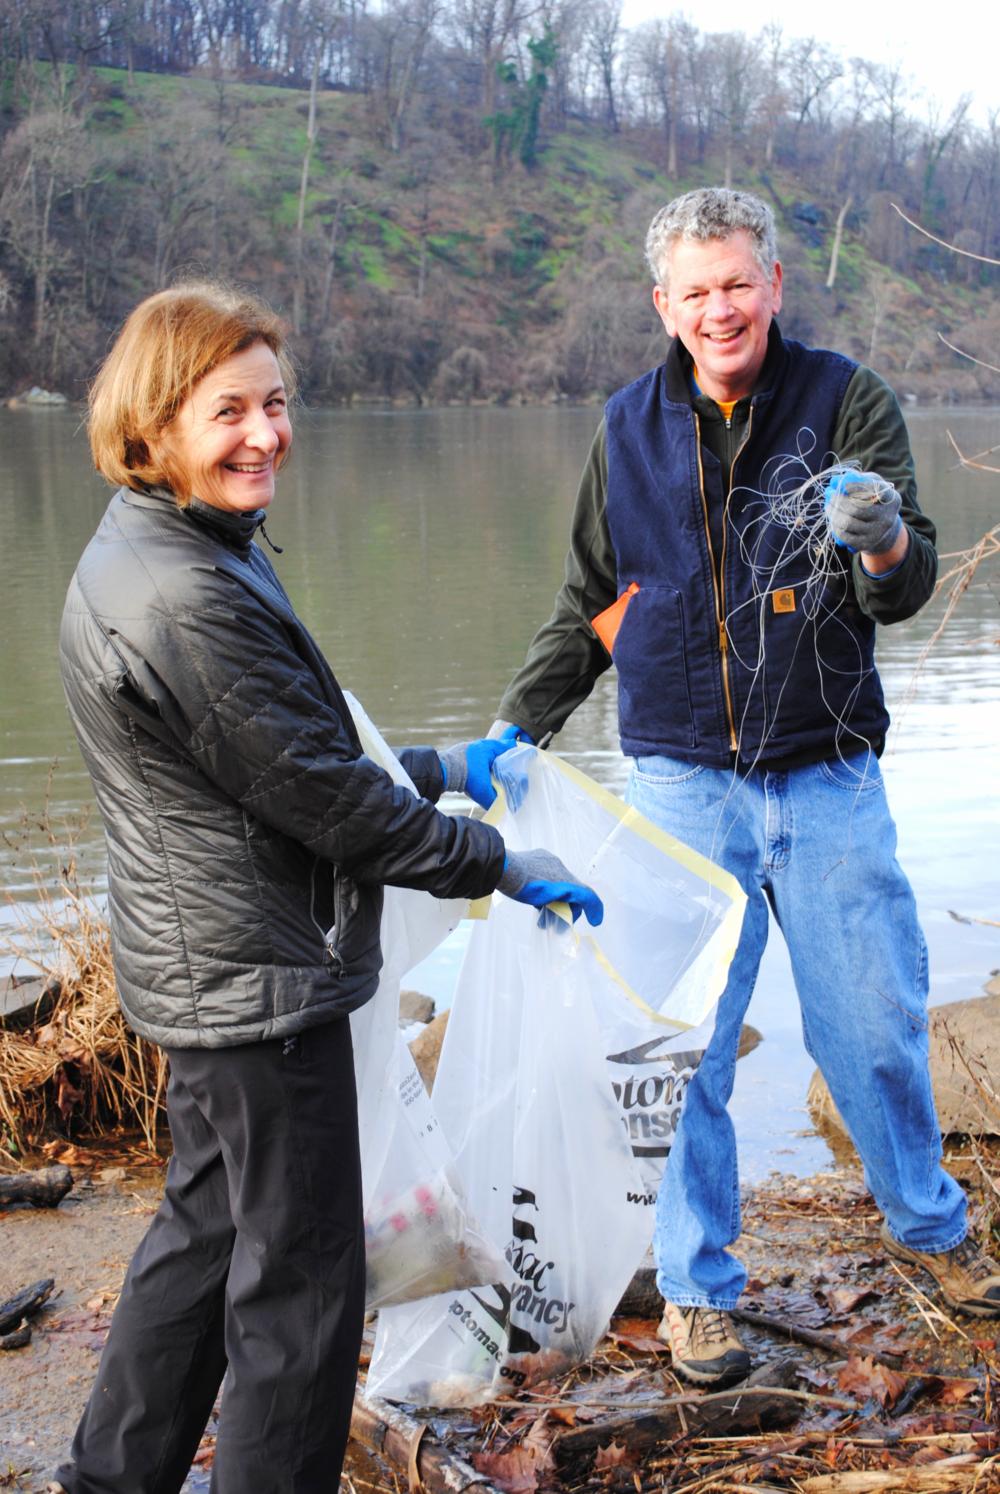 potomac river volunteers cleanup